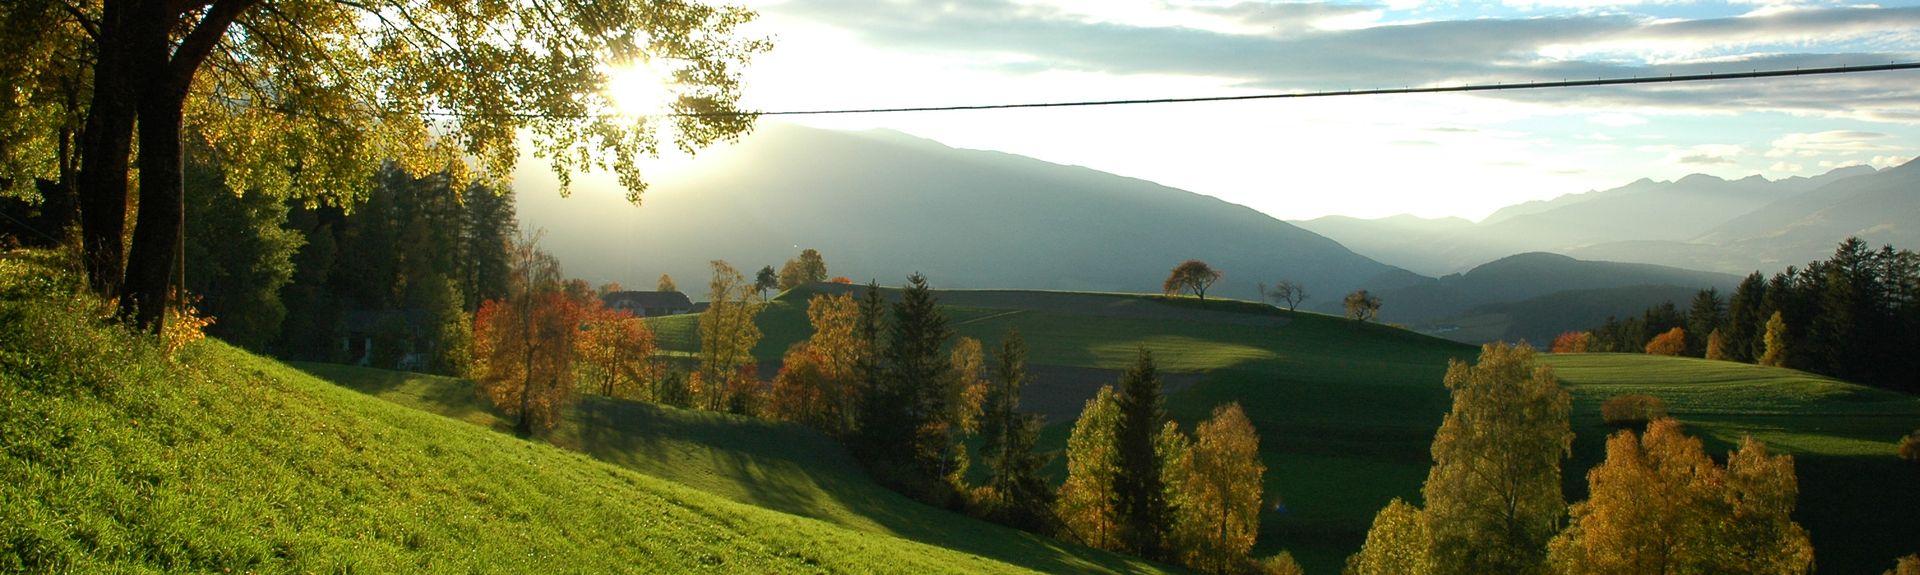 Falzes, Alto Adige, Trentino-Alto Adige/South Tyrol, Italy